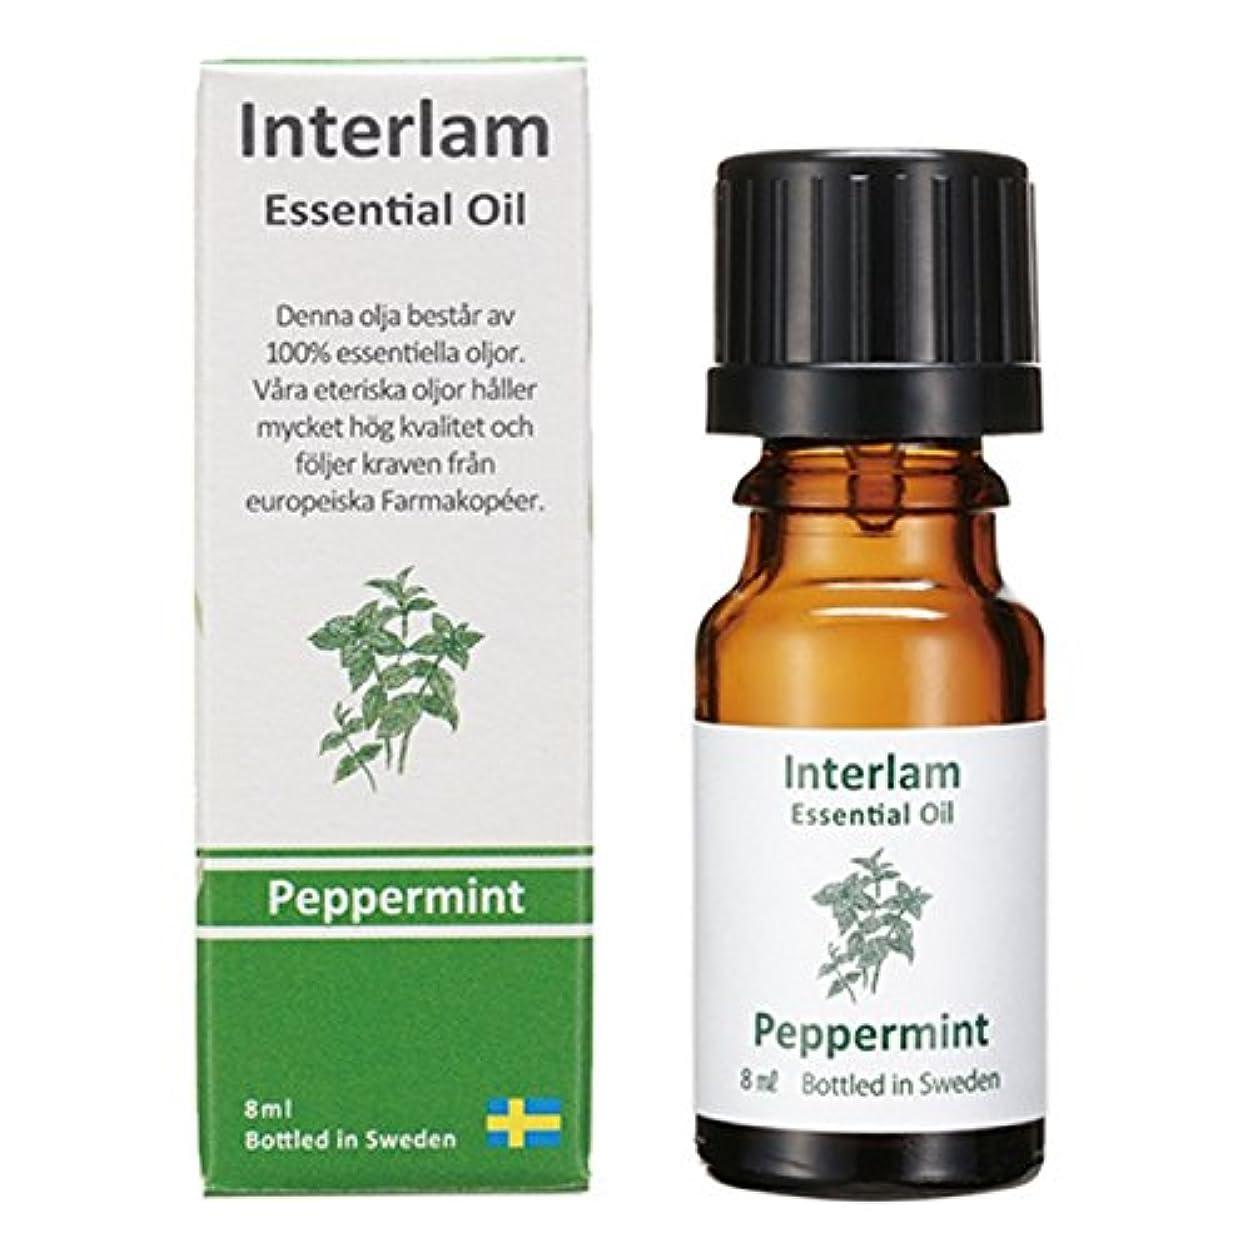 バター症状目の前のInterlam エッセンシャルオイル ペパーミント 8ml